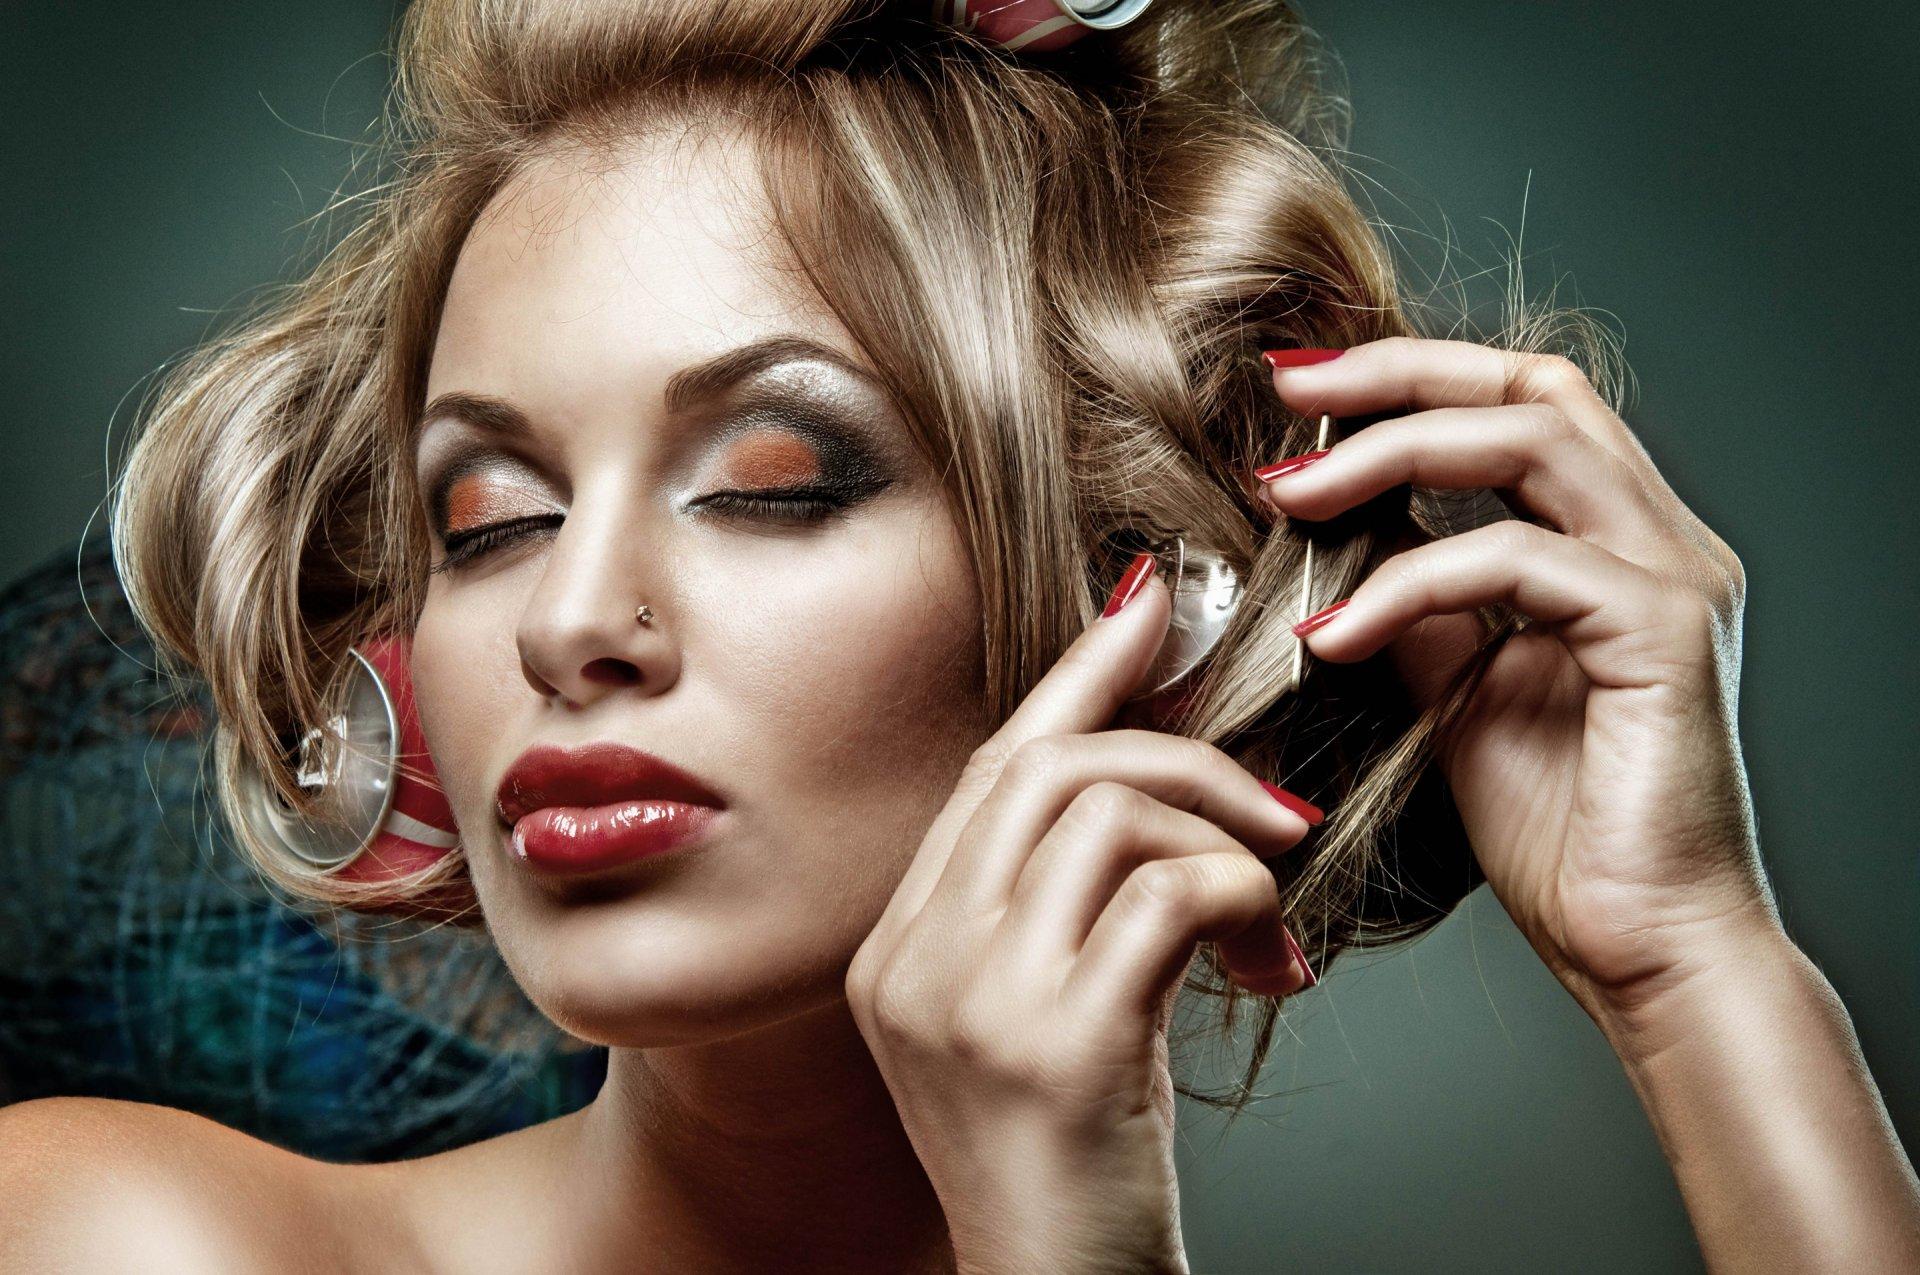 Бракосочетанием, картинки салонов красоты для рекламы